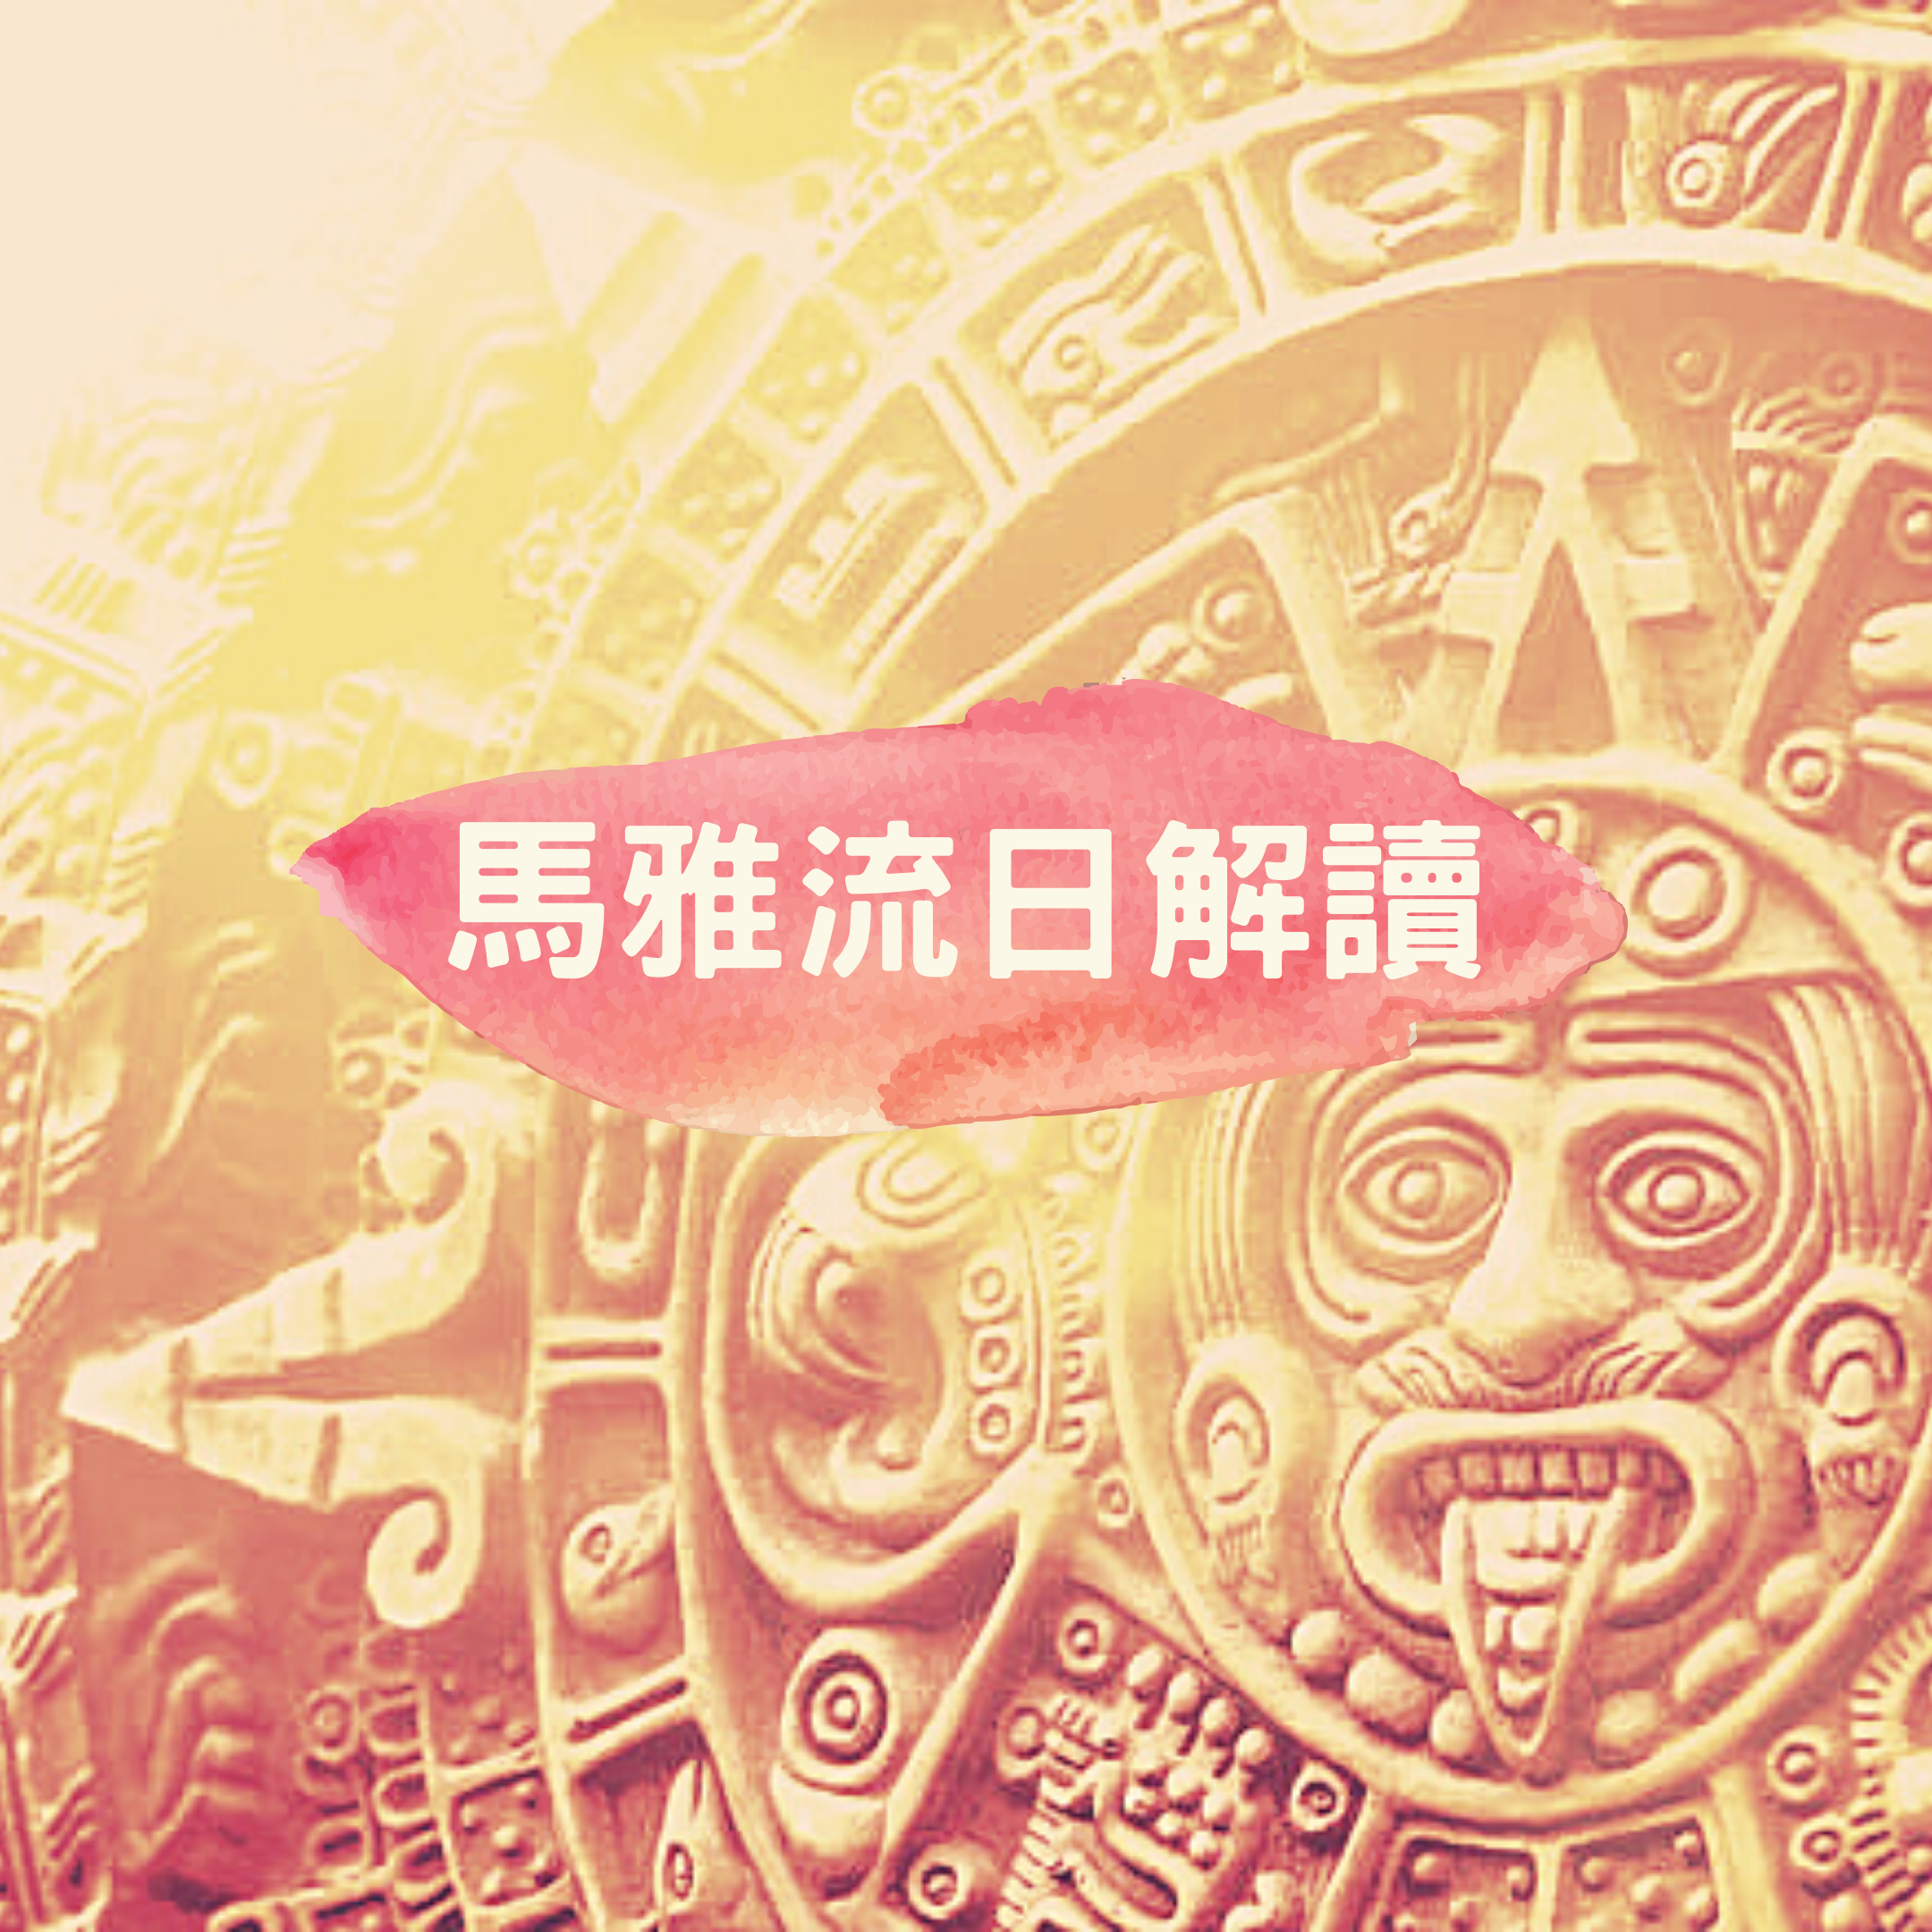 馬雅流日08.22|kin 146 電力白世界橋